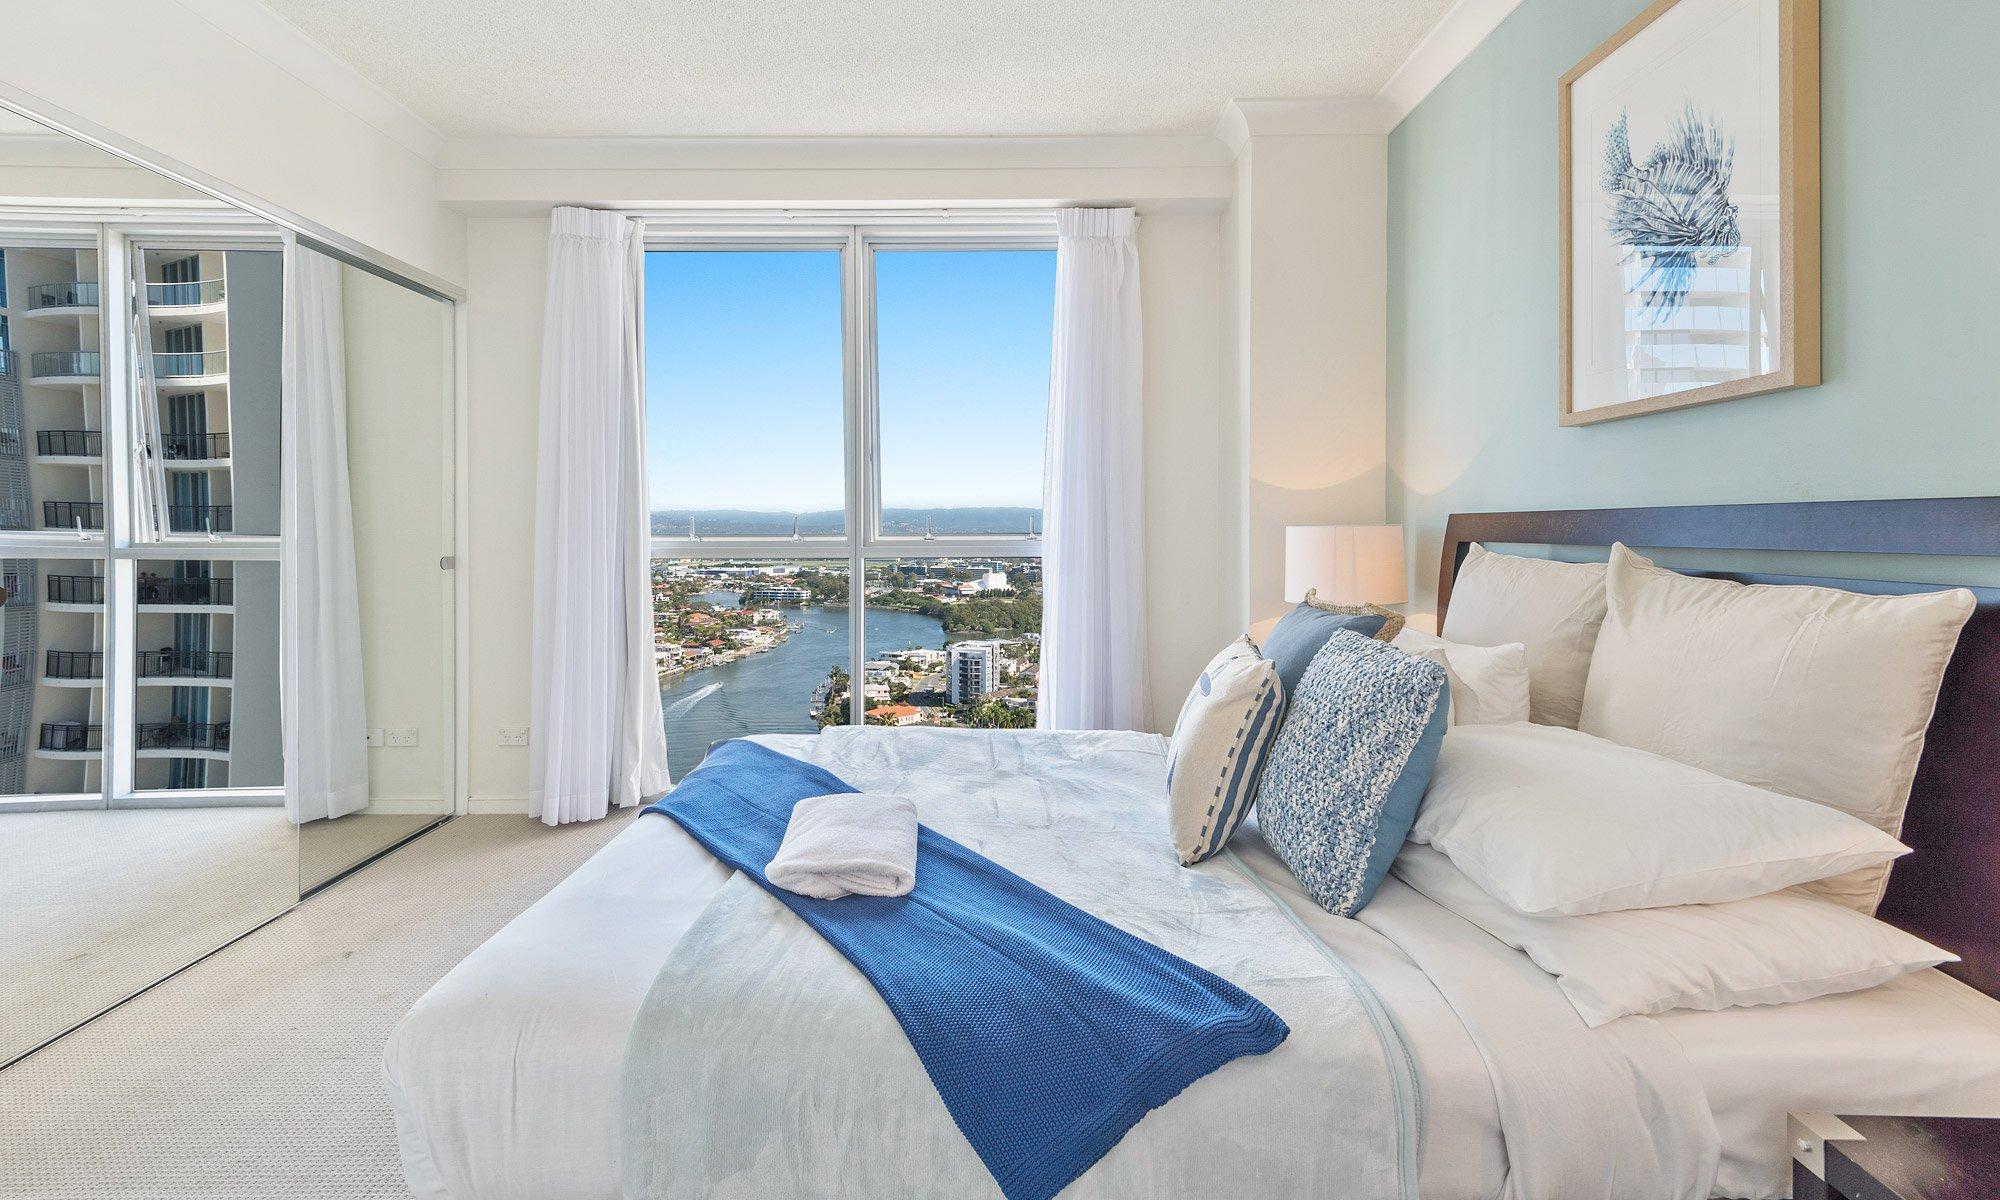 Gold Coast real estate for sale Chevron Renaissance 1264 river view